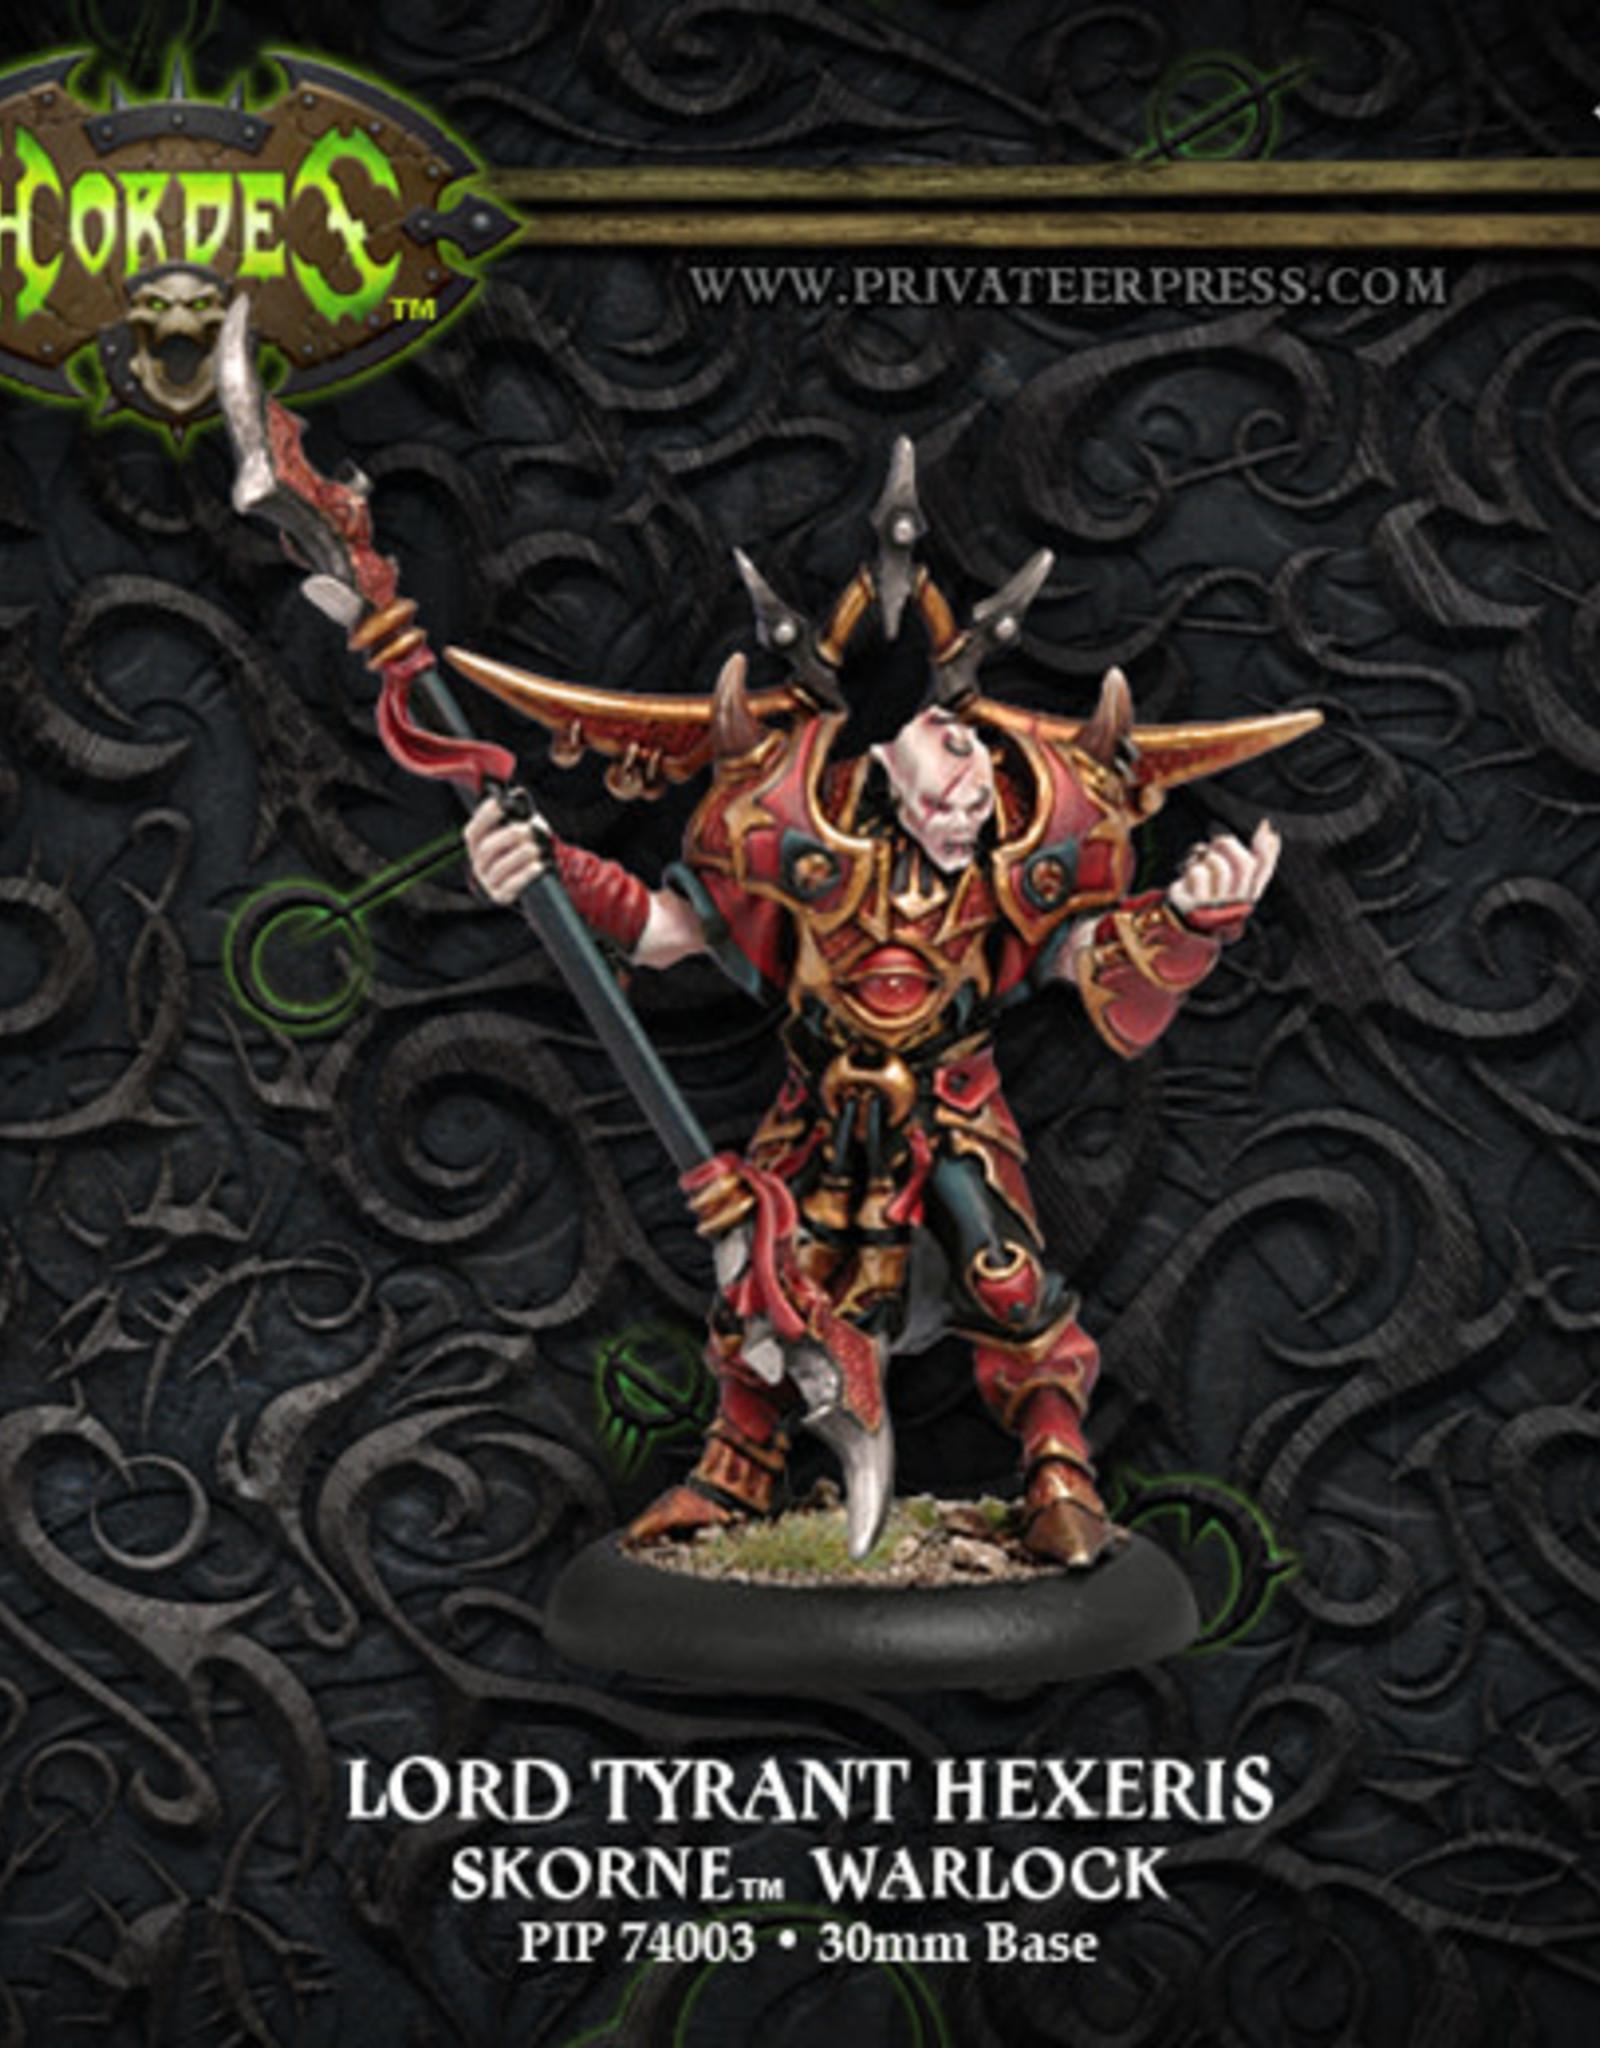 Hordes Skorne - Lord Tyrant Hexeris